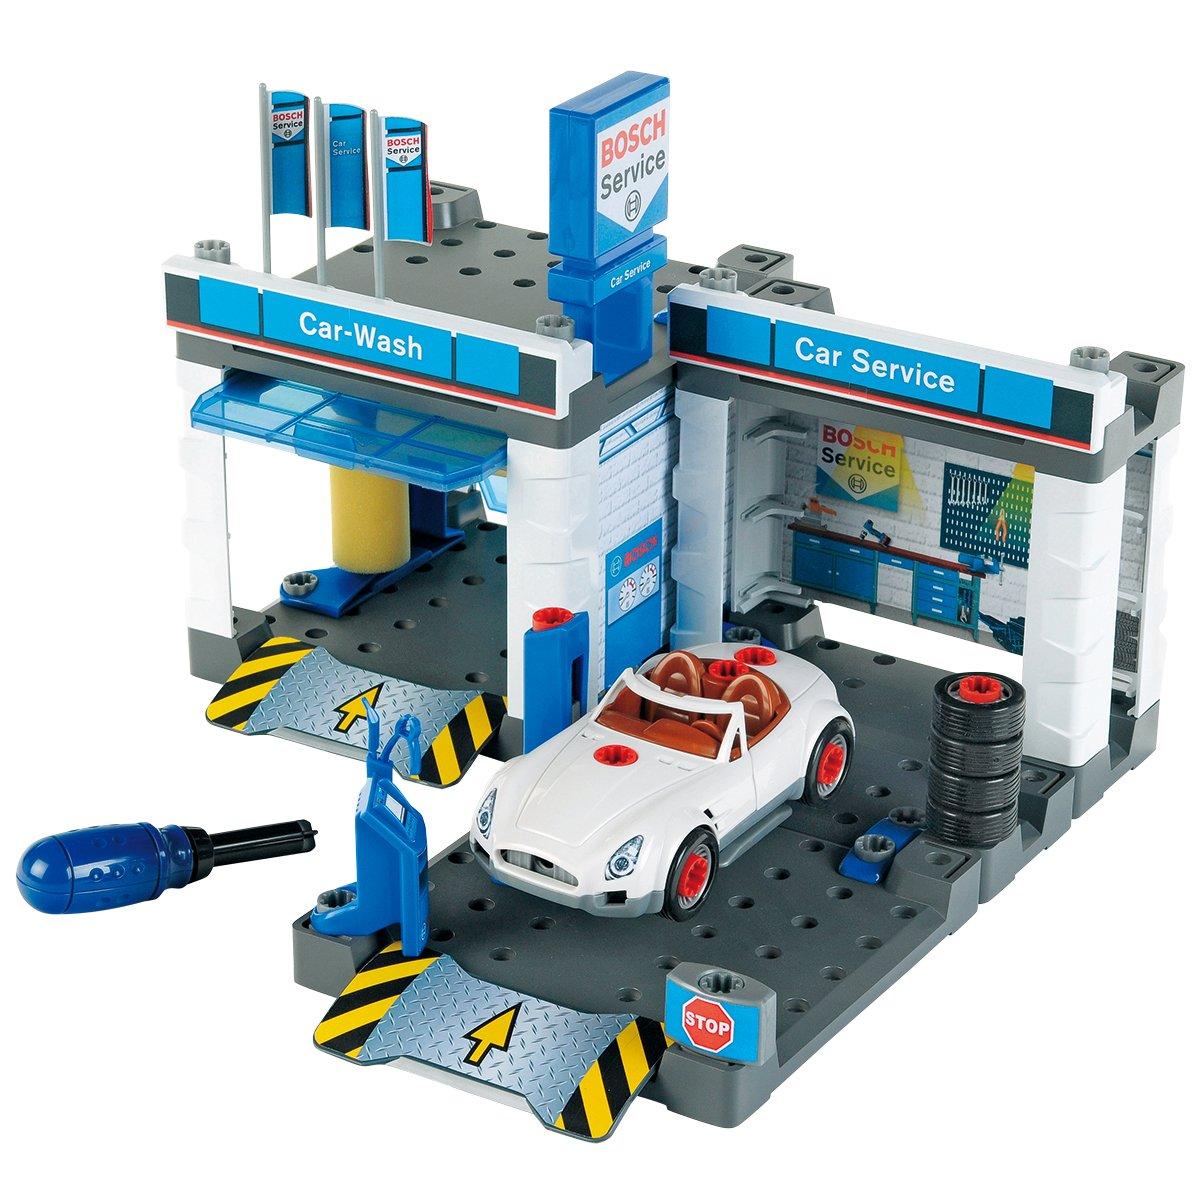 Bosch Werkstatt Kinderspielzeug - Theo Klein 8647 BOSCH Autowerkstatt mit Waschstraße